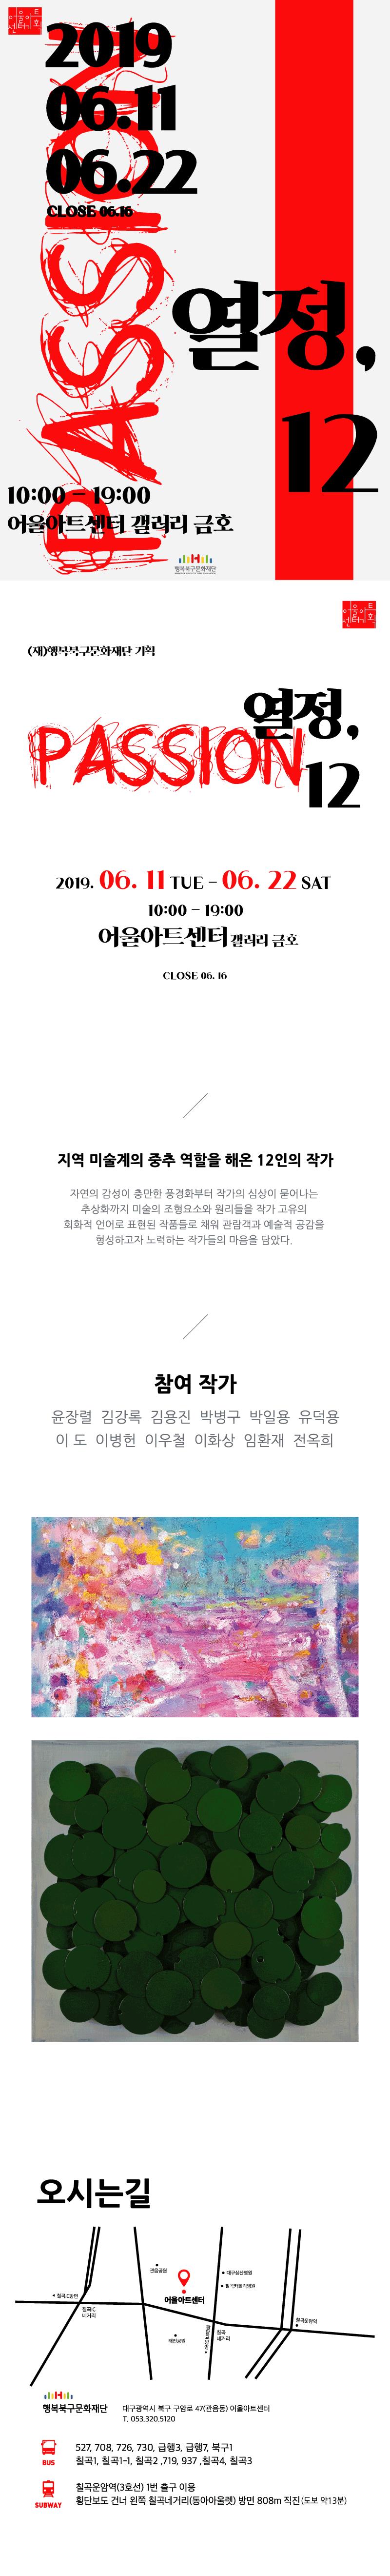 열정,-12-상세페이지(글자깬거).png